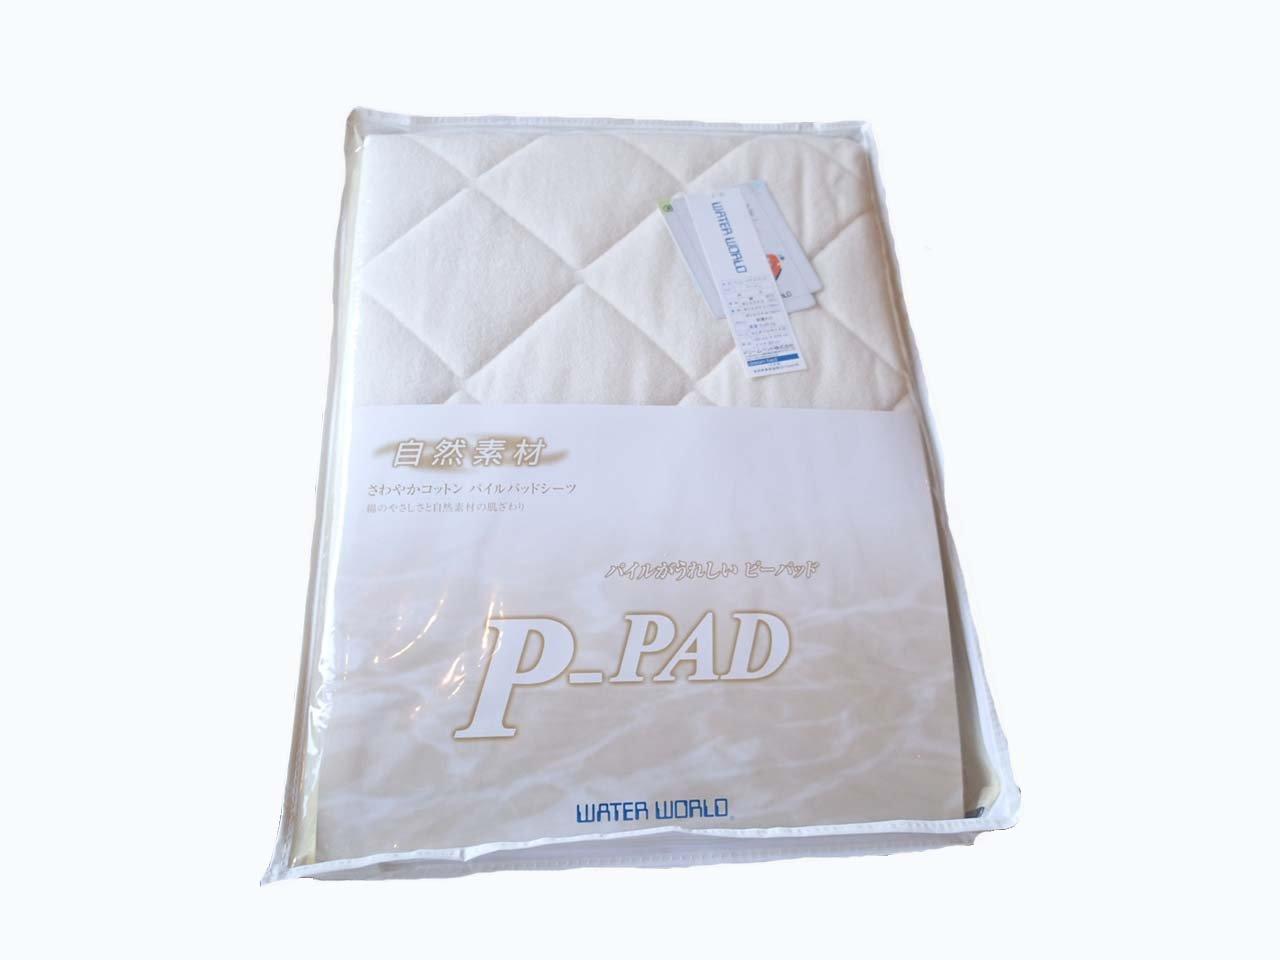 ウォーターベッド専用 パイルパッド セミダブルサイズ ベージュ色 B00B08M4JQ セミダブル|ベージュ ベージュ セミダブル